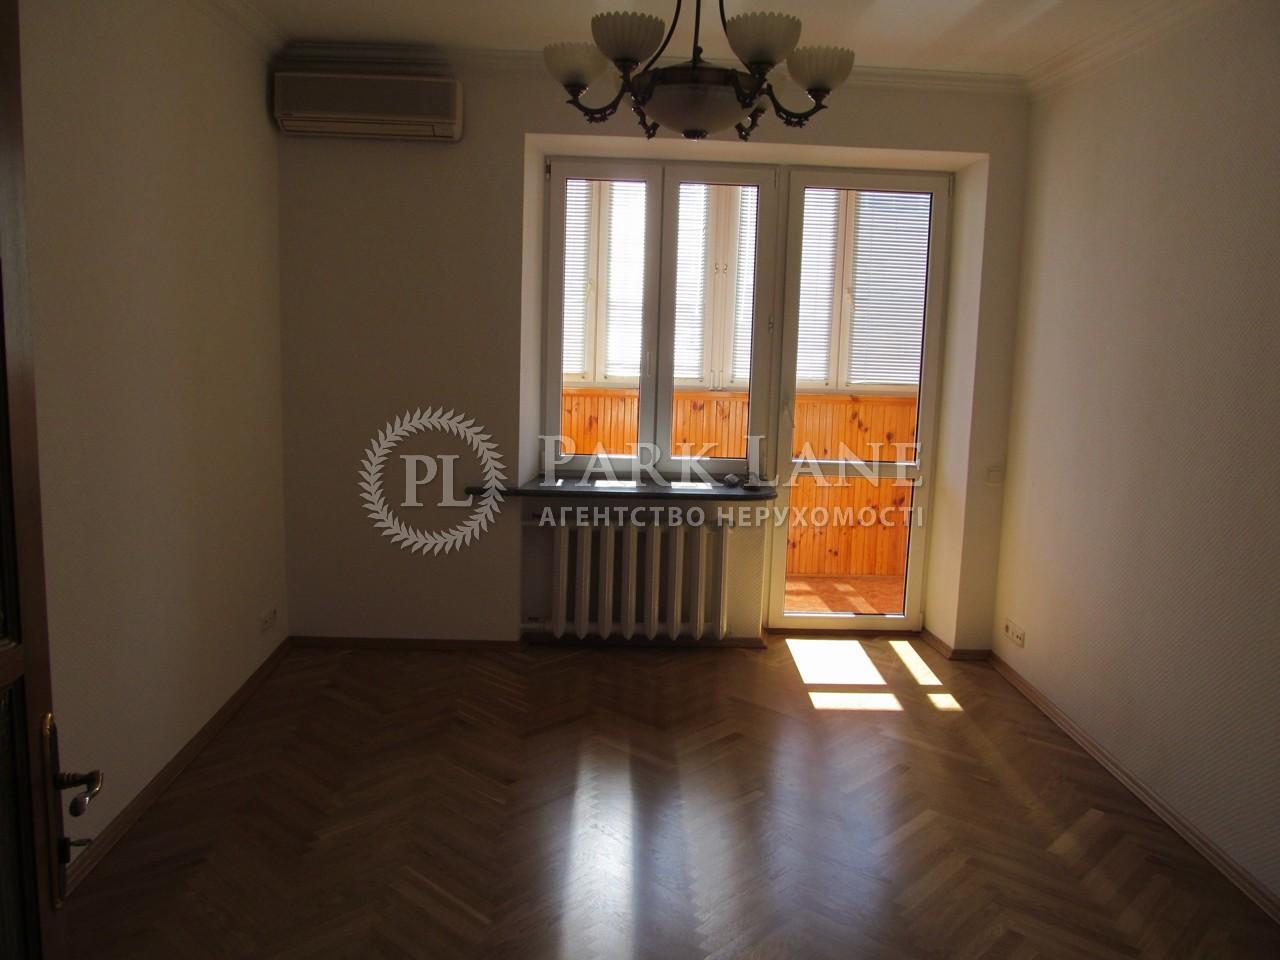 Квартира R-15648, Леси Украинки бульв., 24, Киев - Фото 7